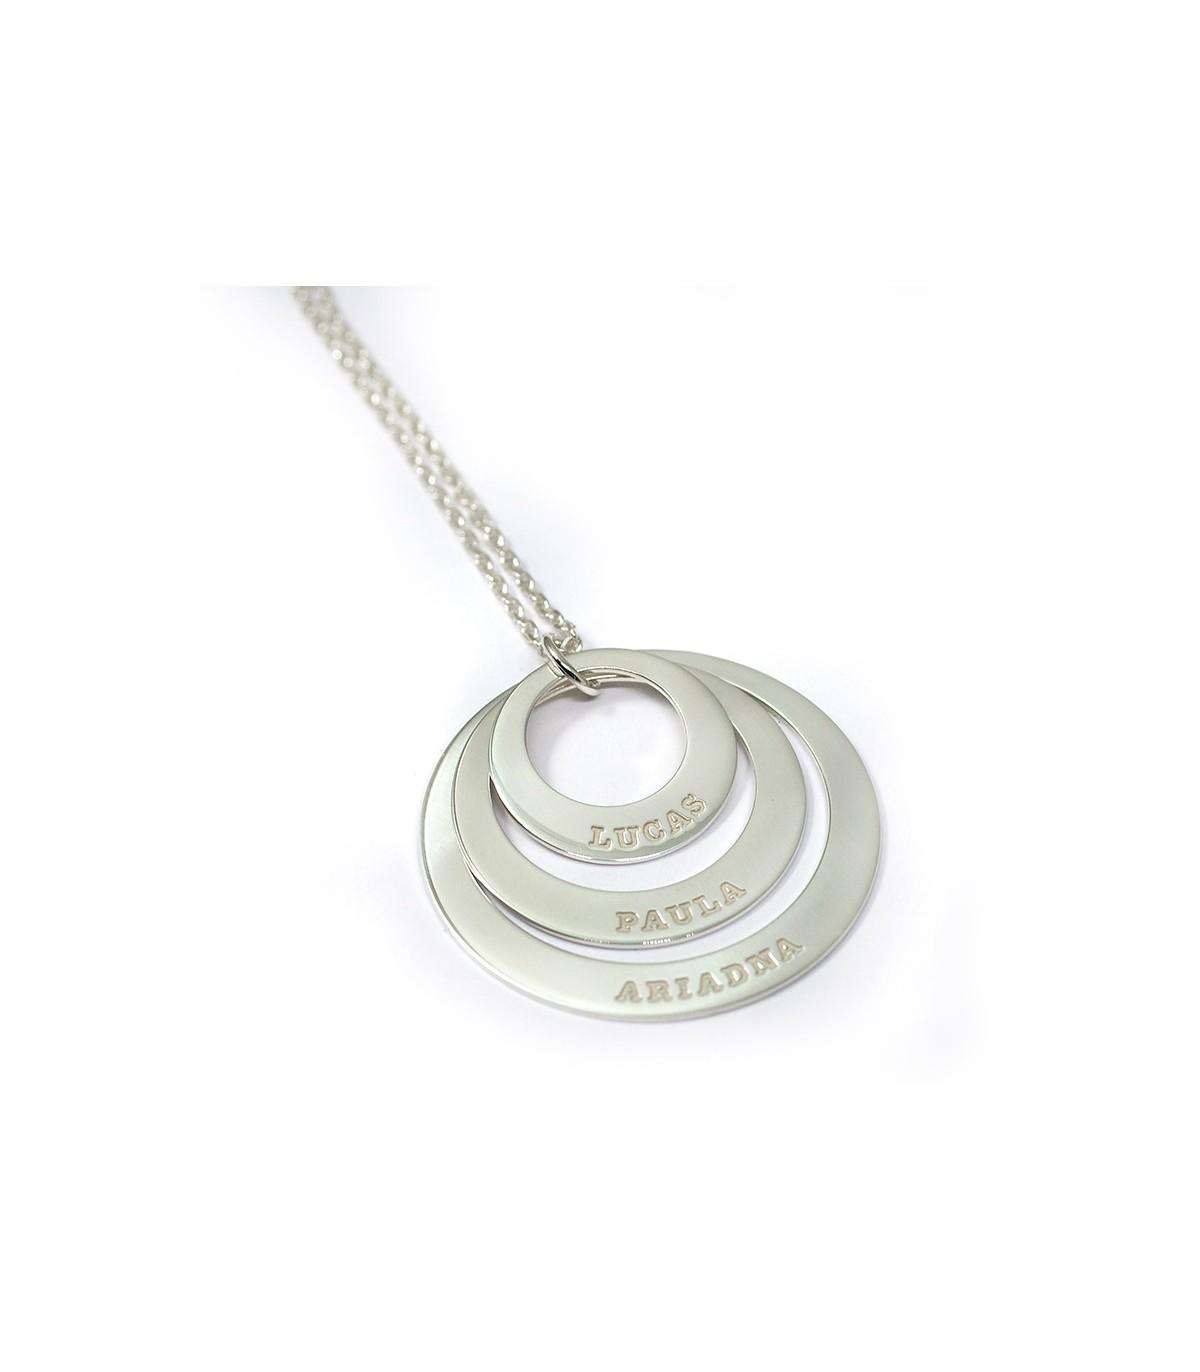 e4db4fce79eb collar personalizado de plata con nombres grabados